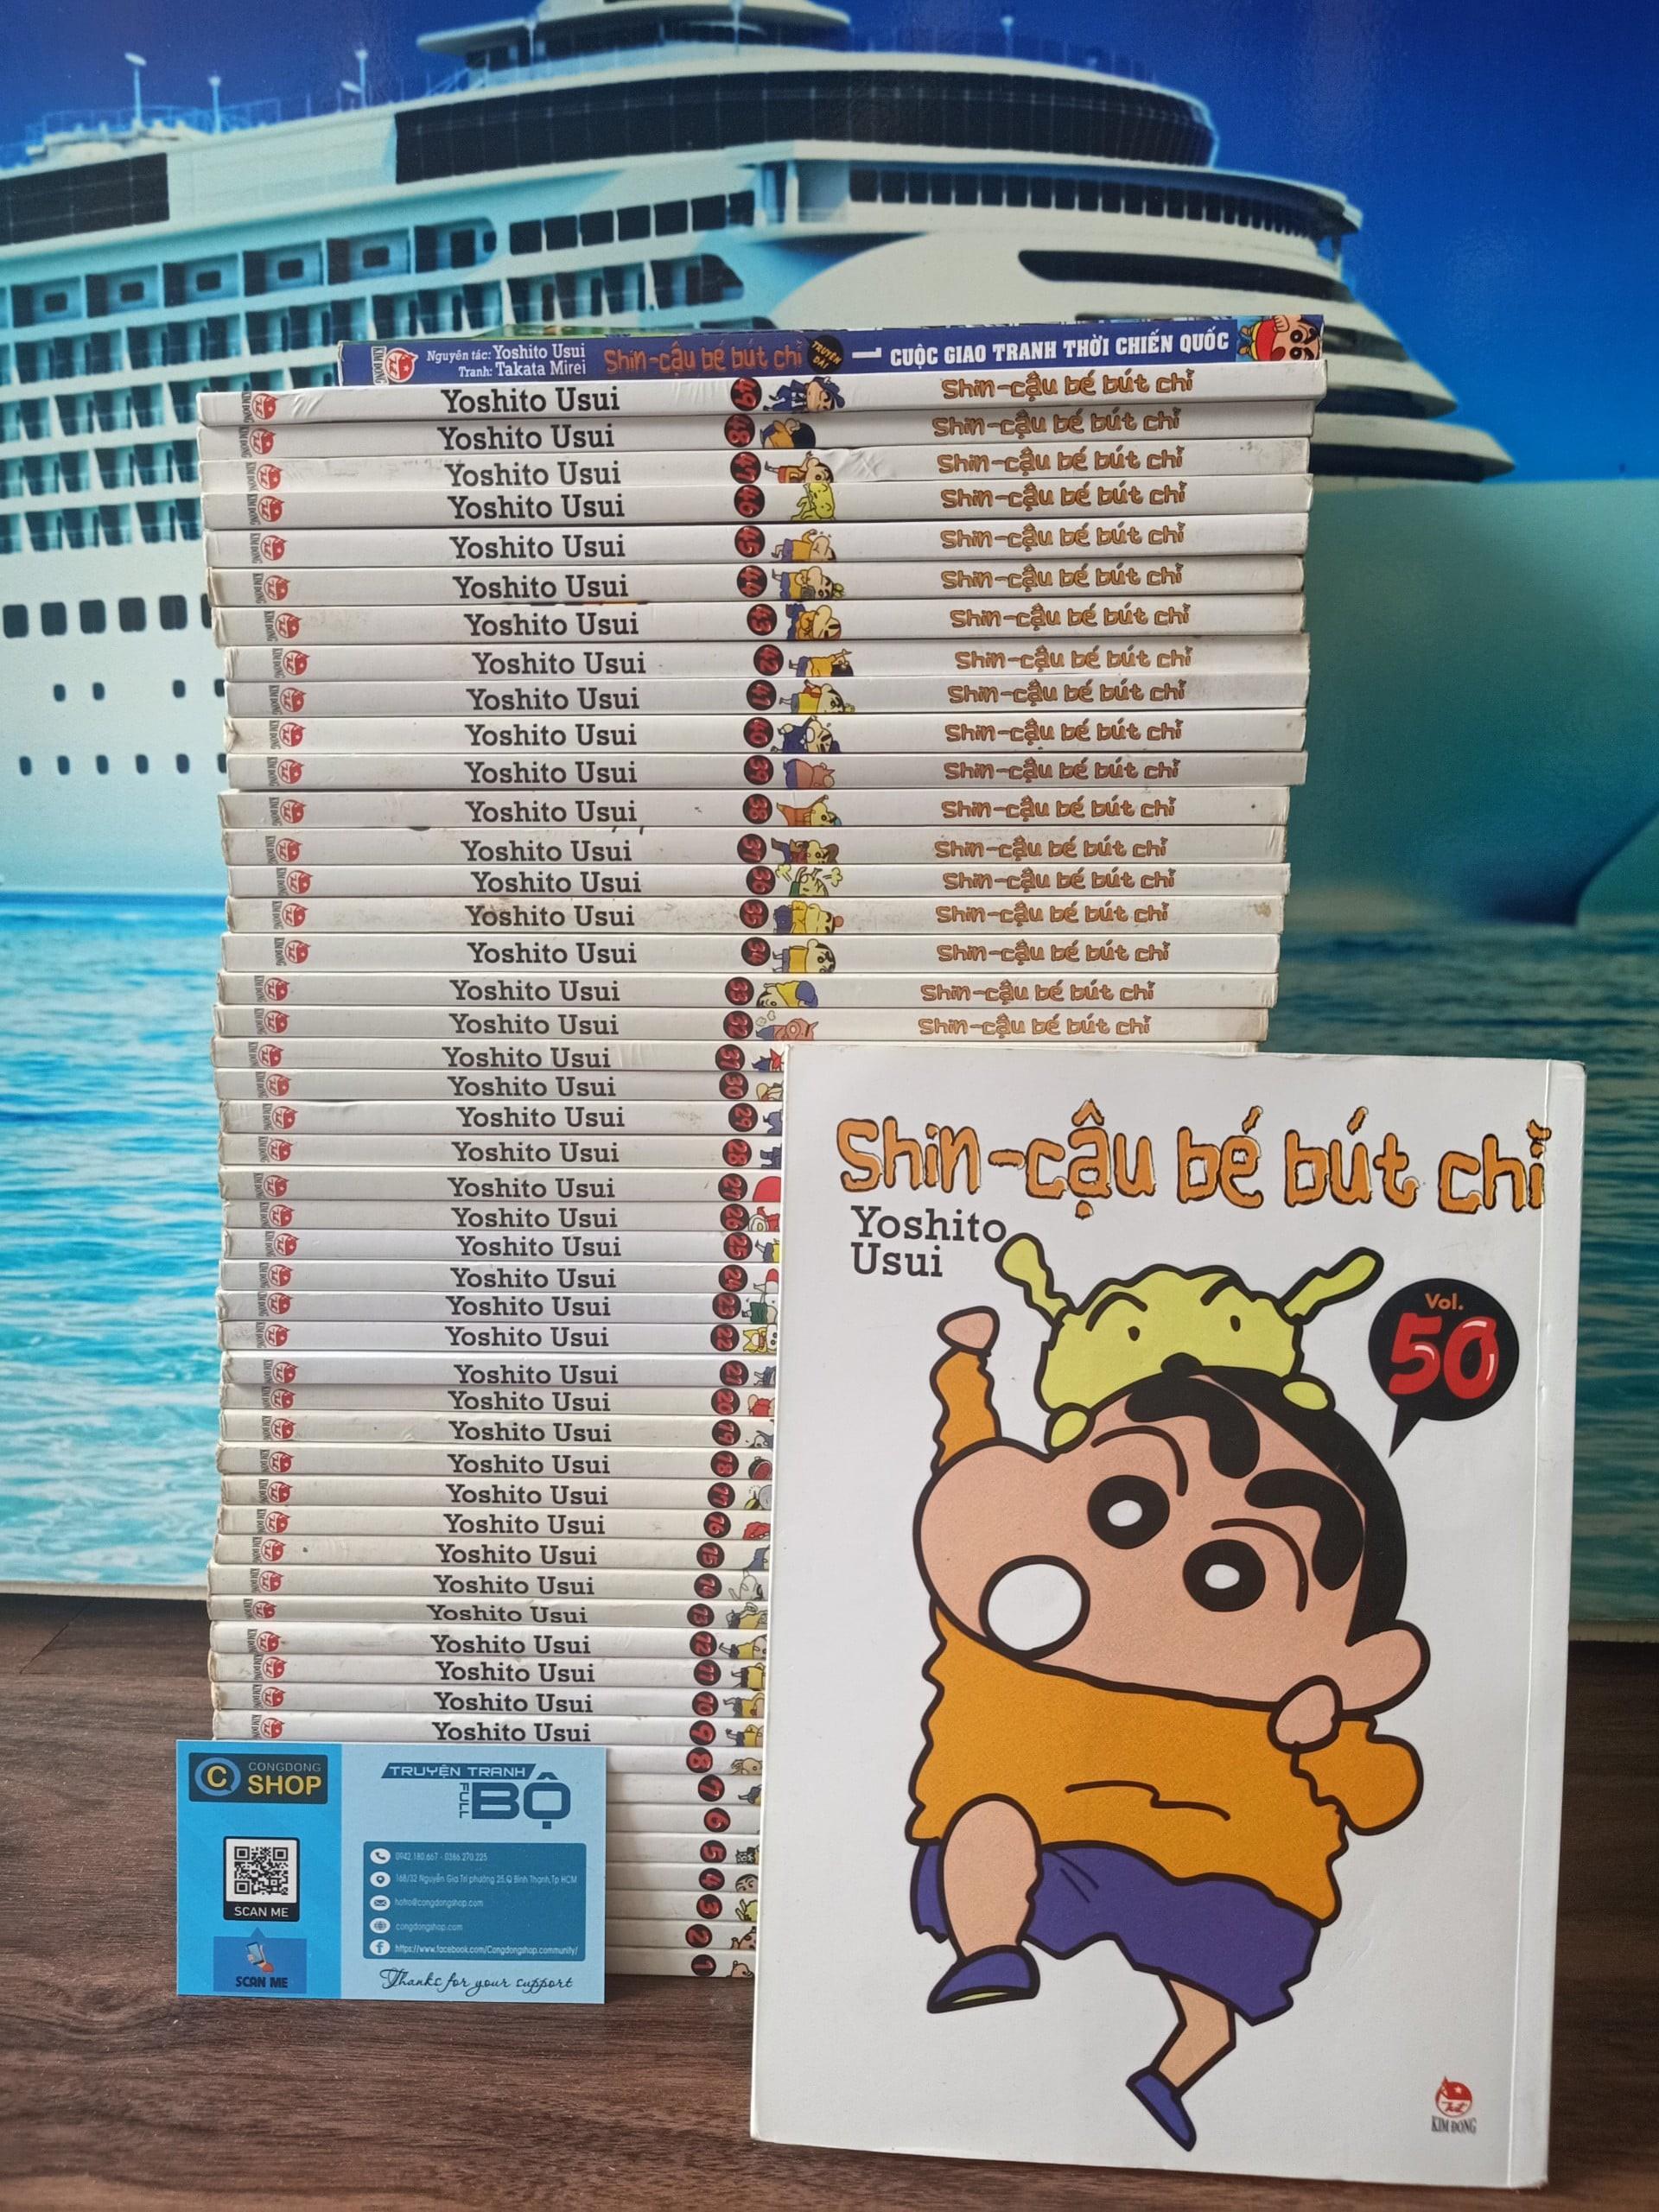 Truyện Shin-Cậu bé bút chì Full bộ giá rẻ